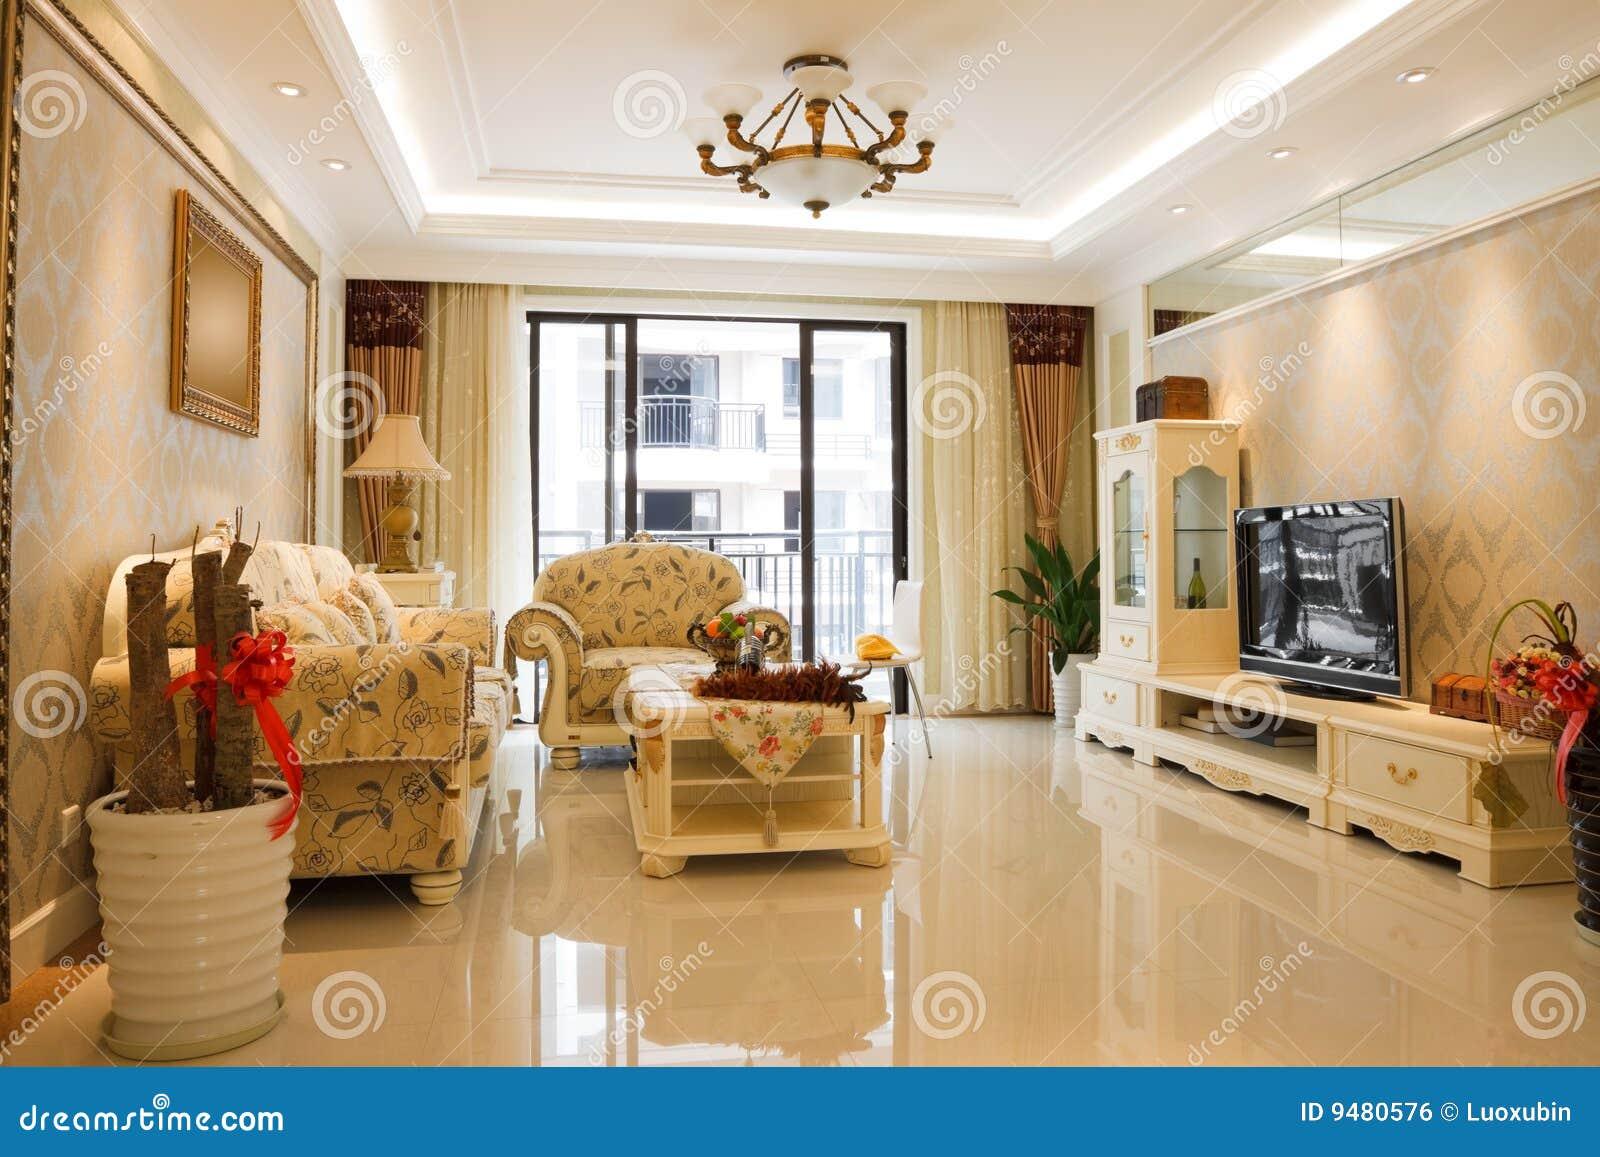 Het Binnenland Van De Luxe Dure Woonkamer Royalty vrije Stock Afbeelding   Afbeelding  9480576